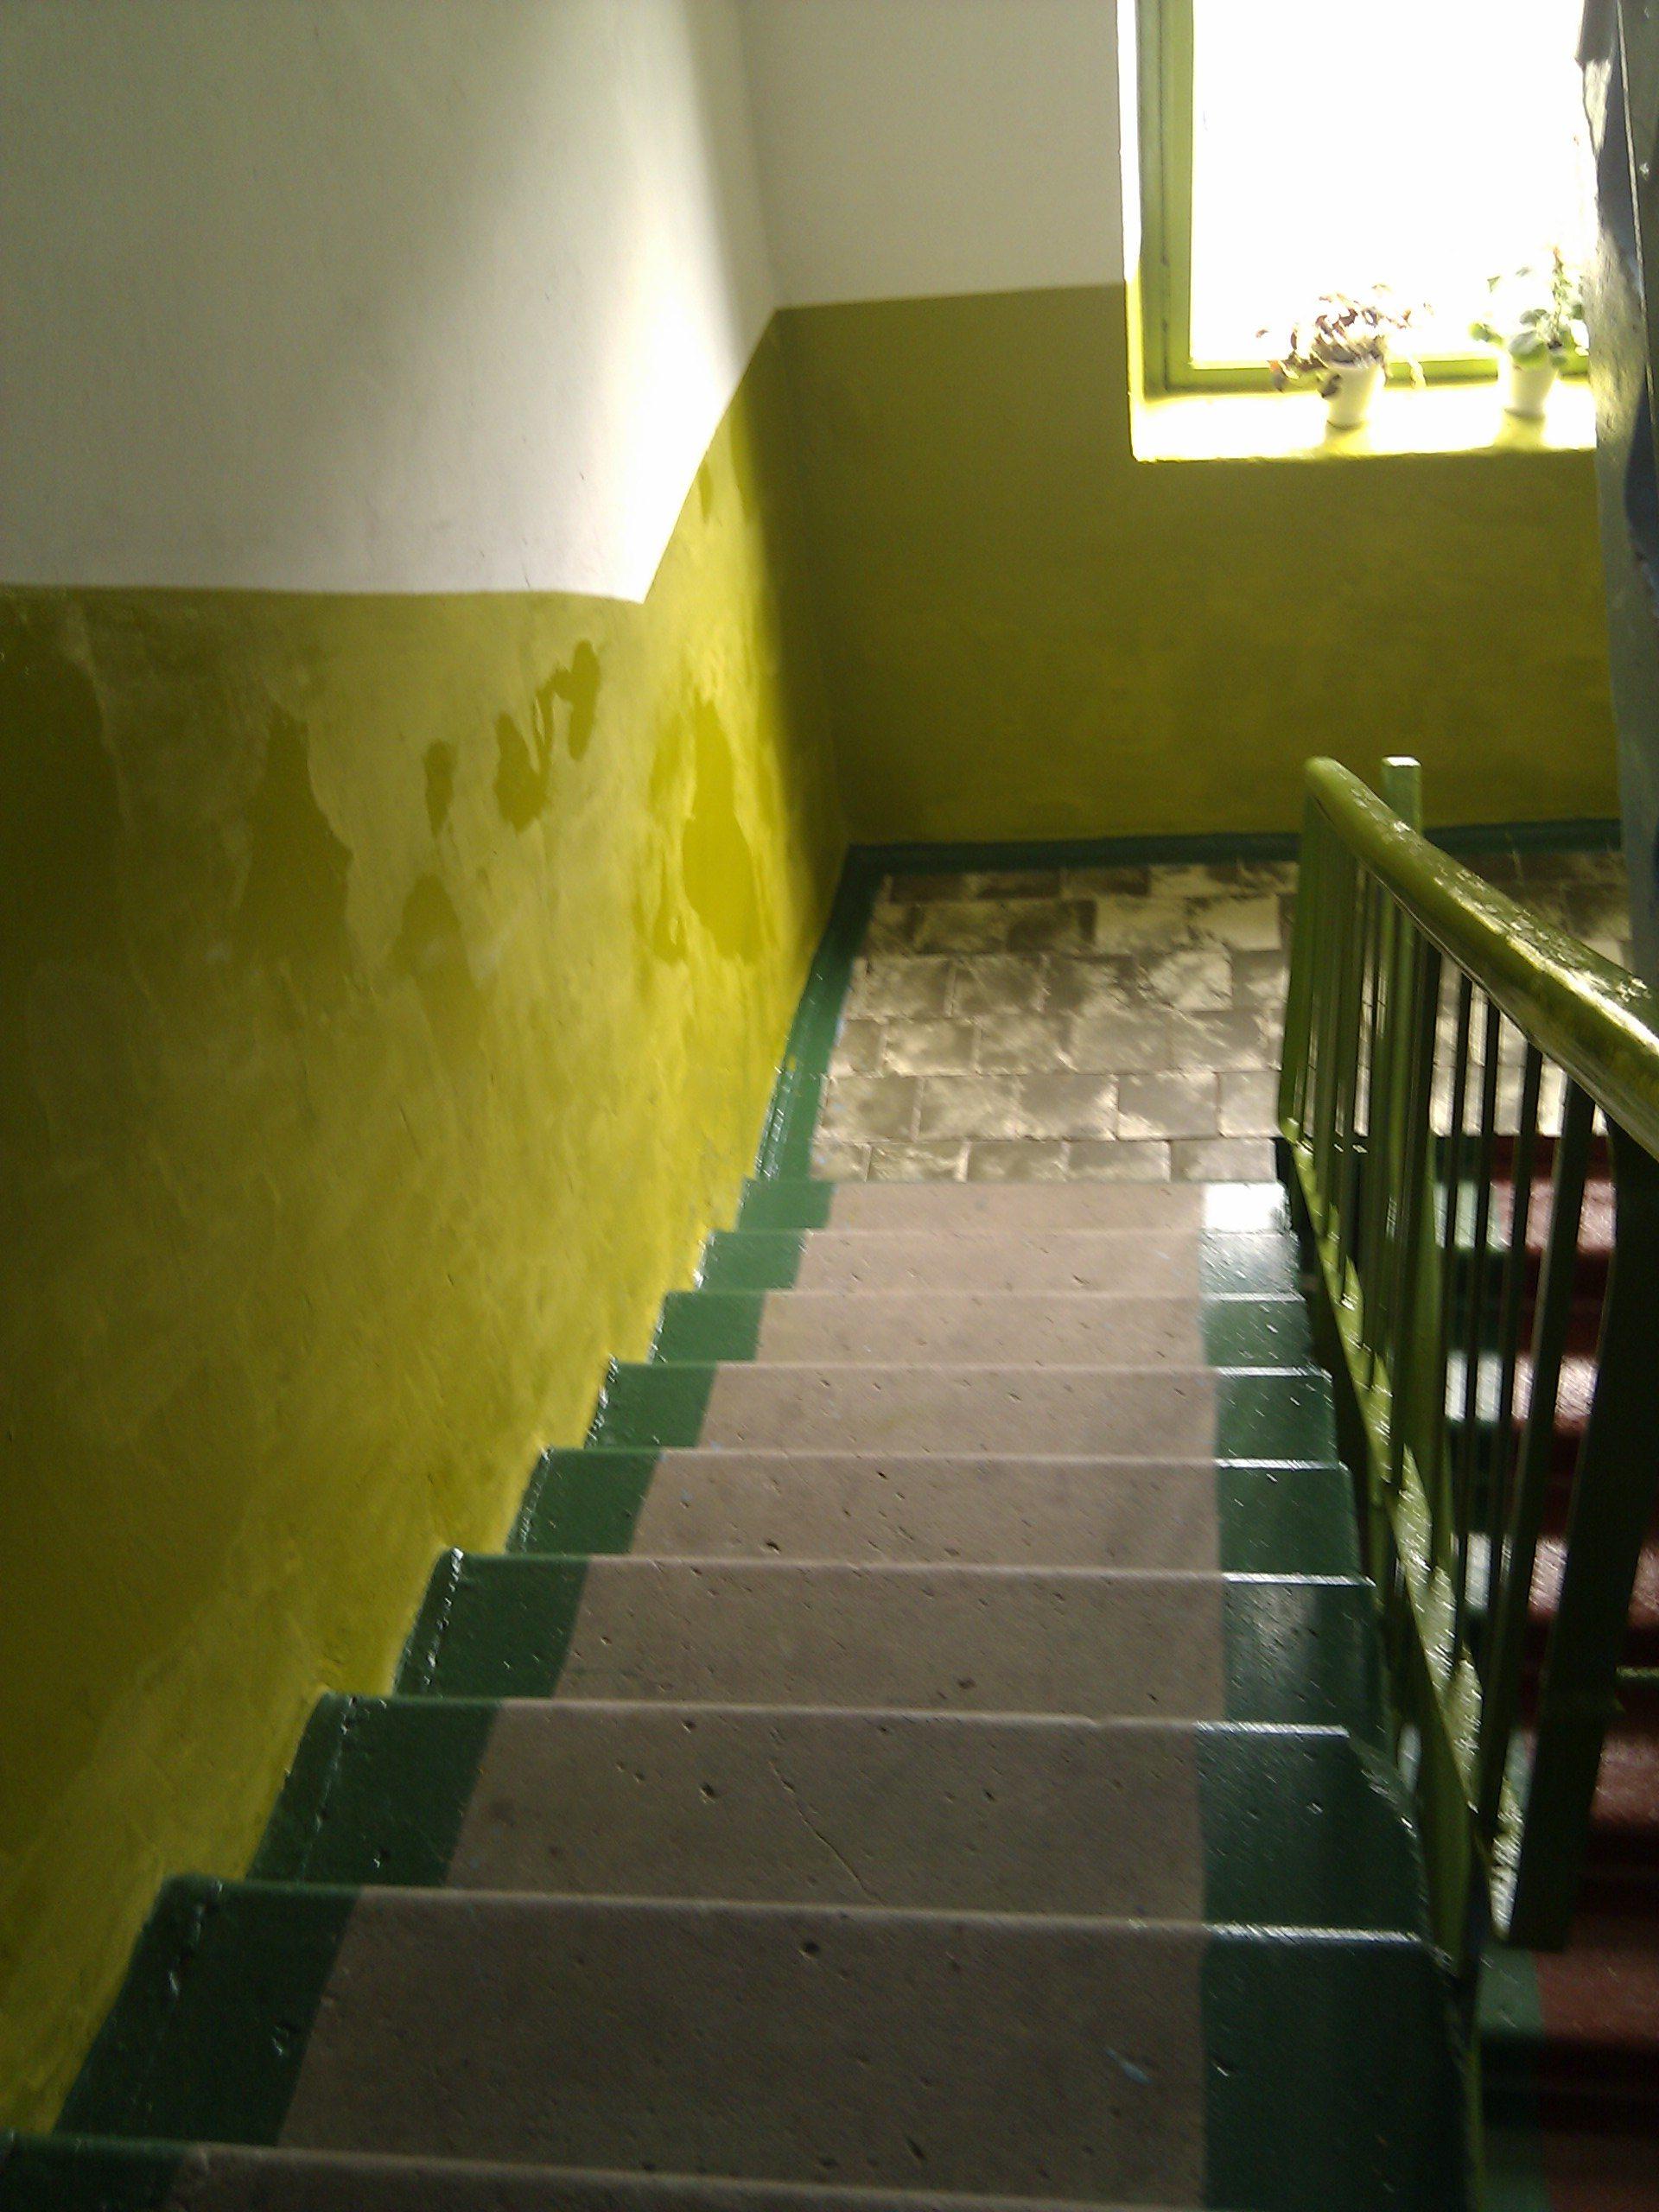 Сочетание цвета стен на лестничной площадке фото